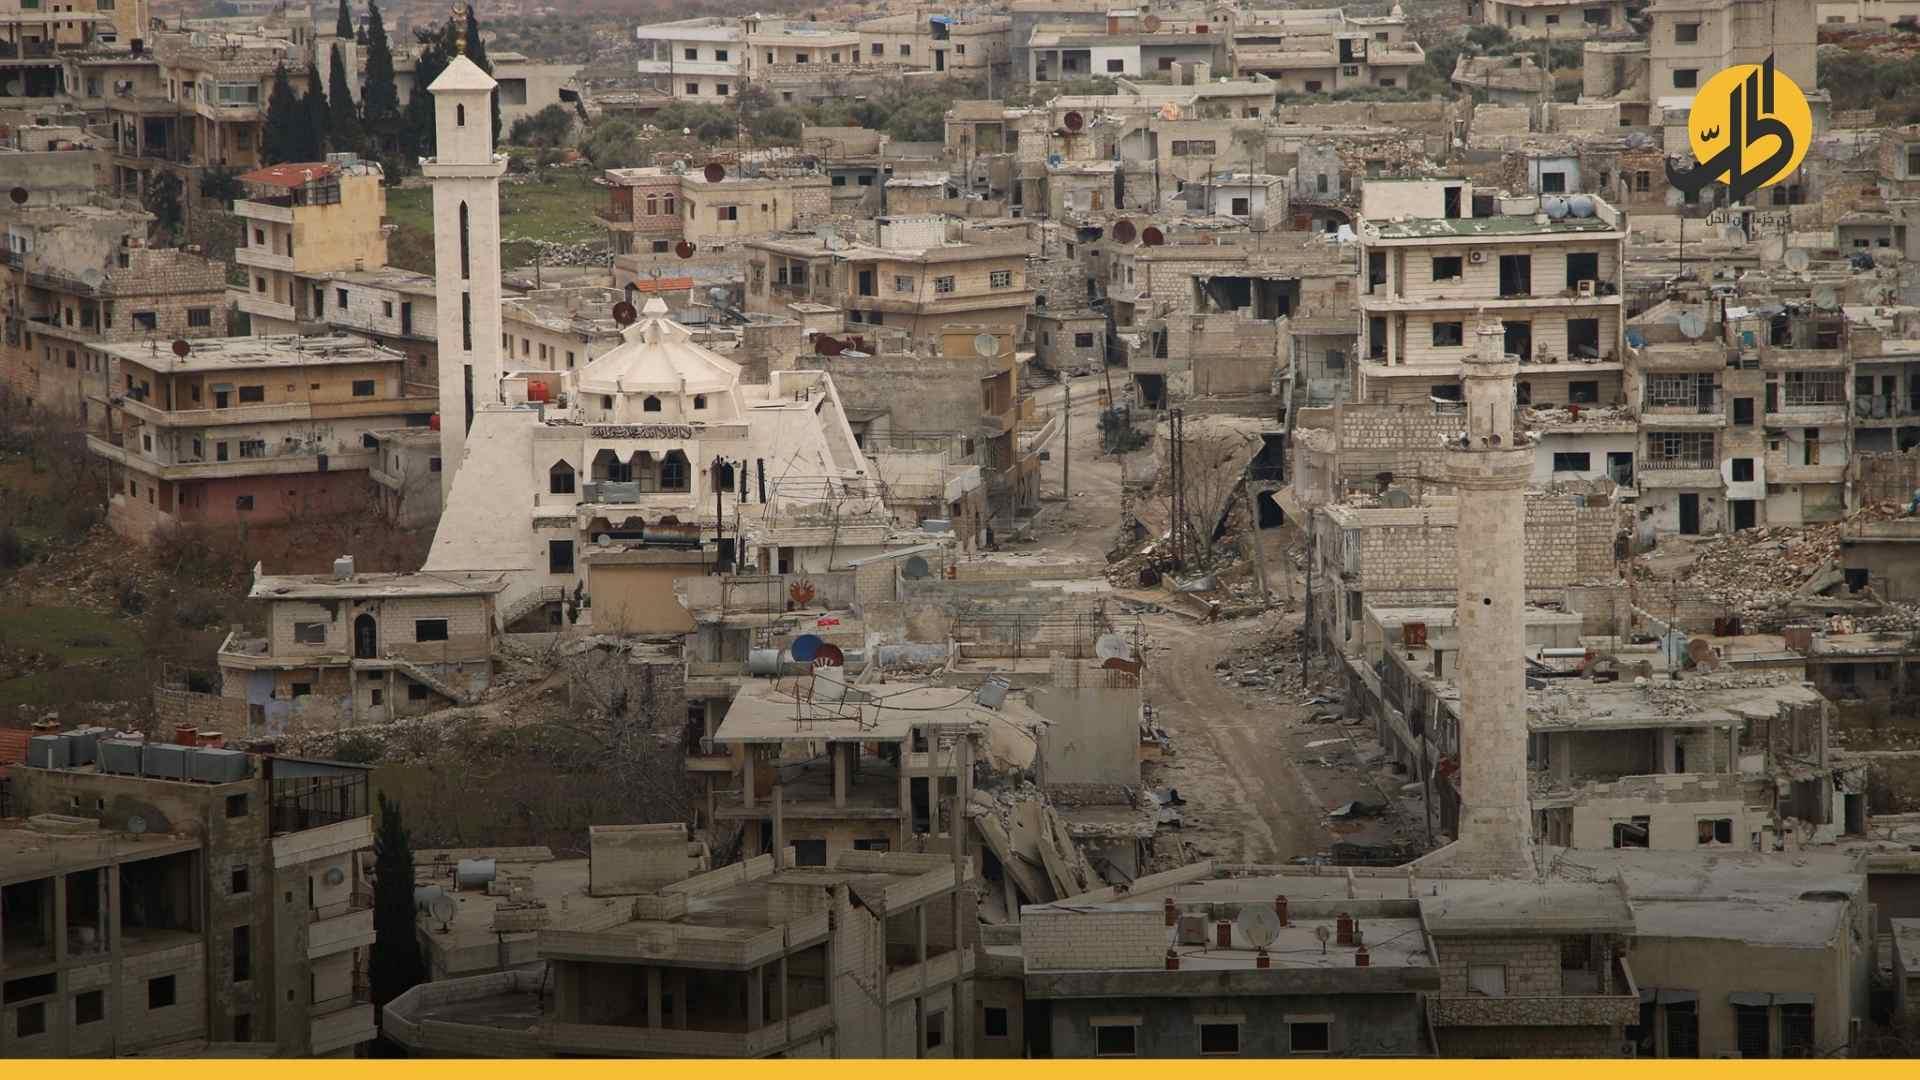 إدلب في مواجهة الكارثة.. استمرار القصف قبل أسابيع من تحديد مصير المساعدات عبر «باب الهوى»